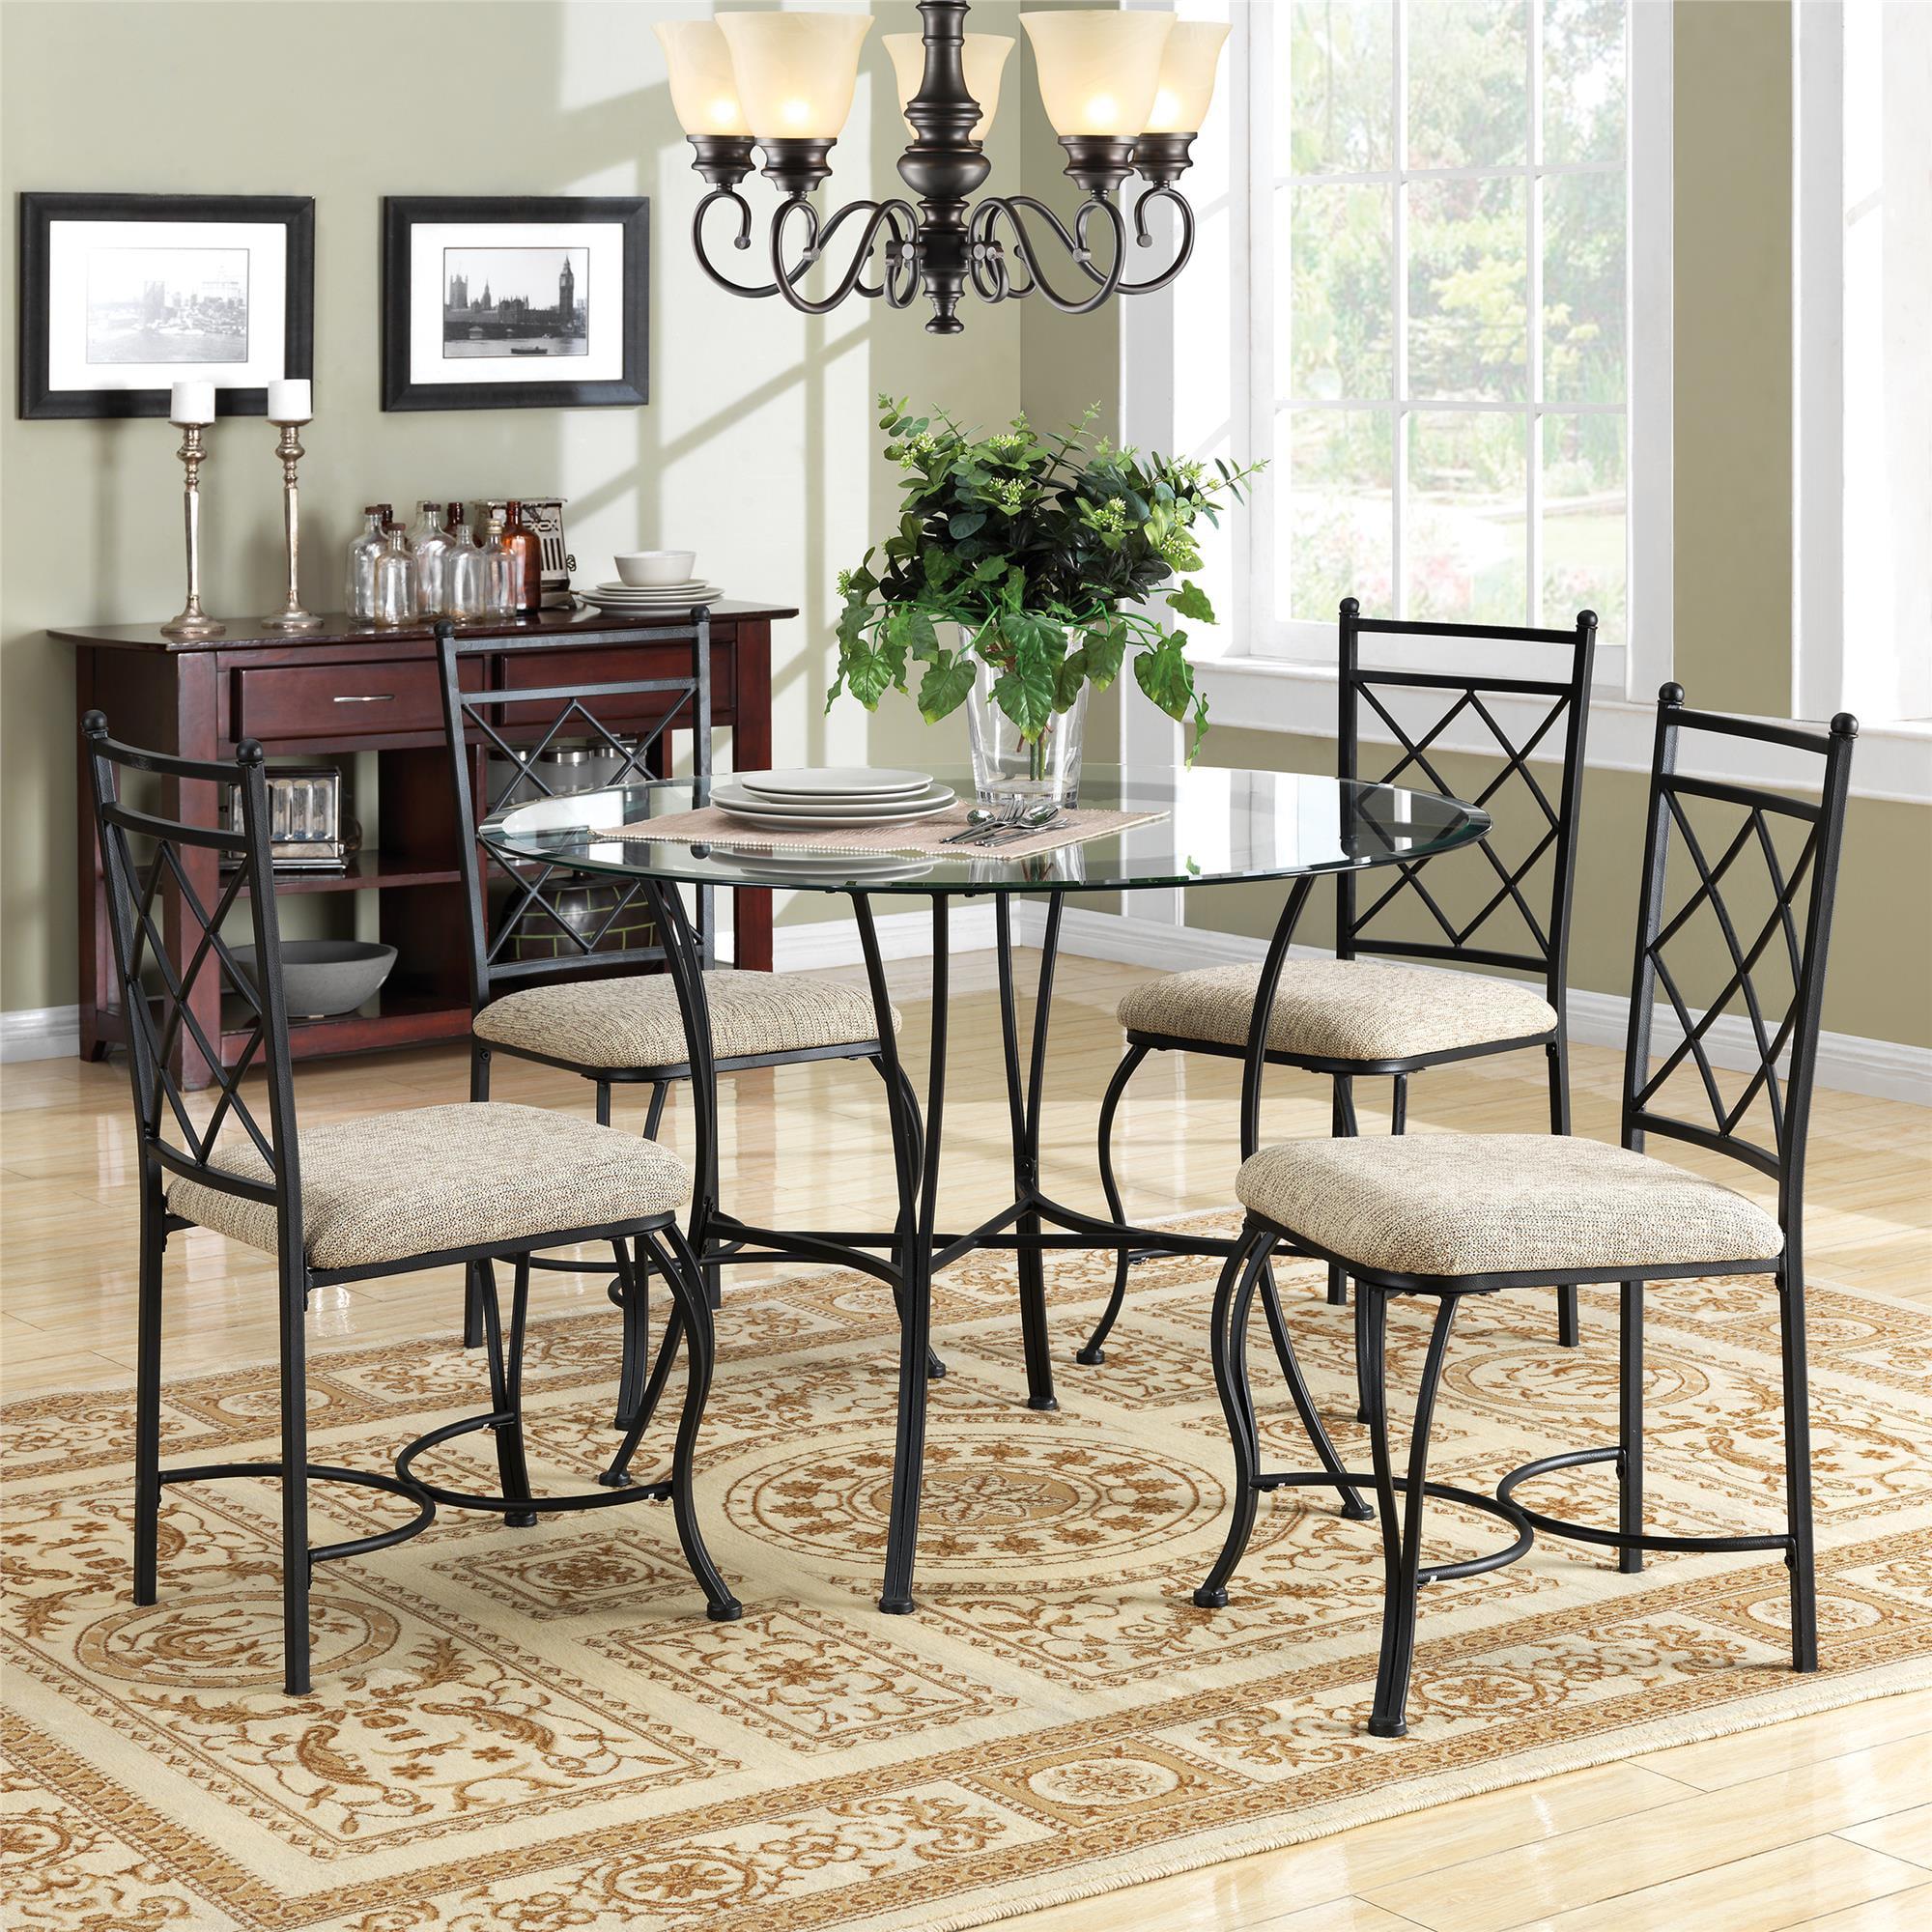 Mainstays 5-Piece Glass Top Metal Dining Set - Walmart.com